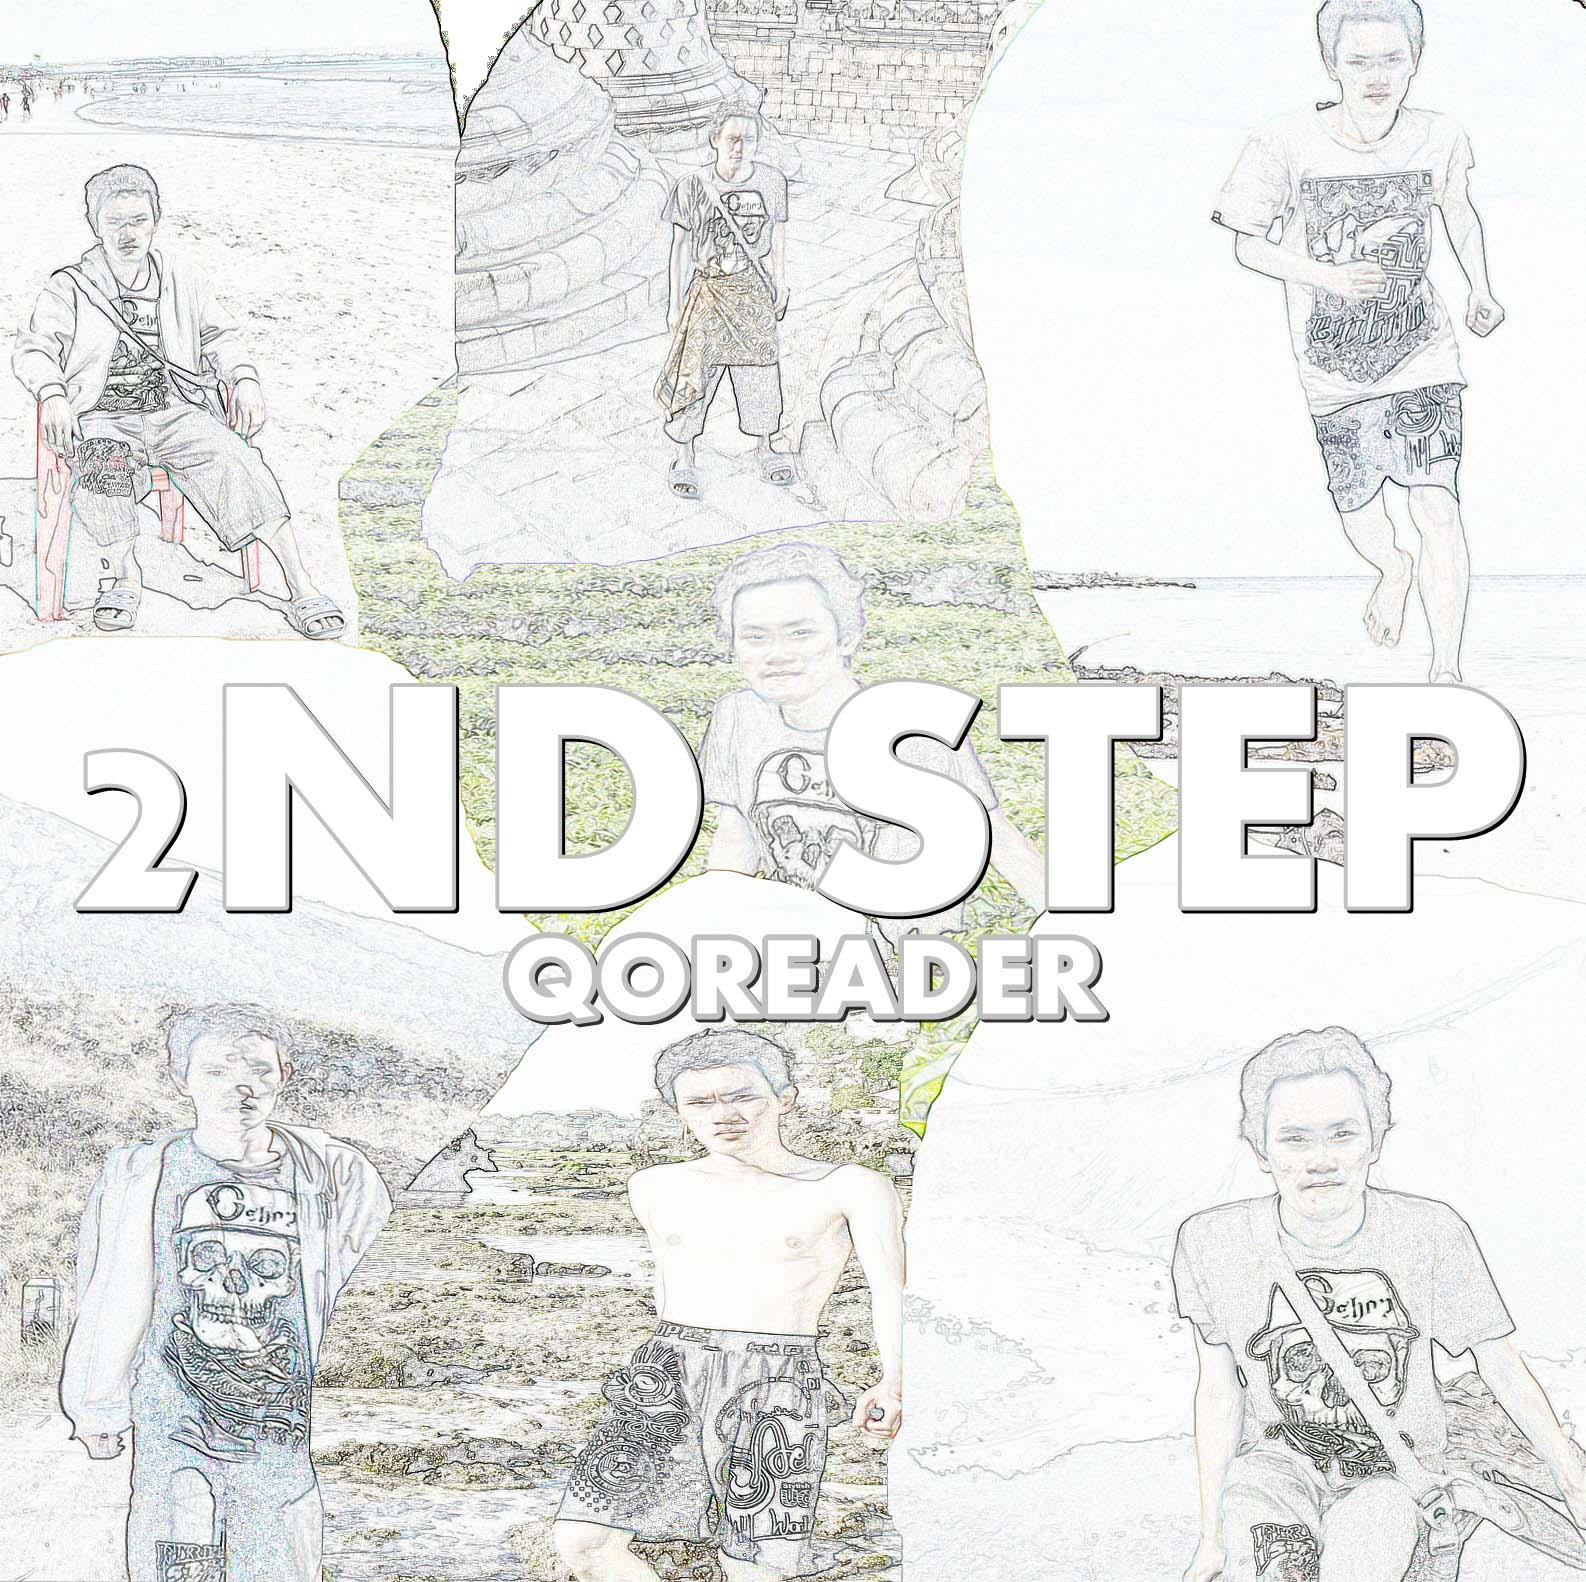 Qoreader Blog ]: Music